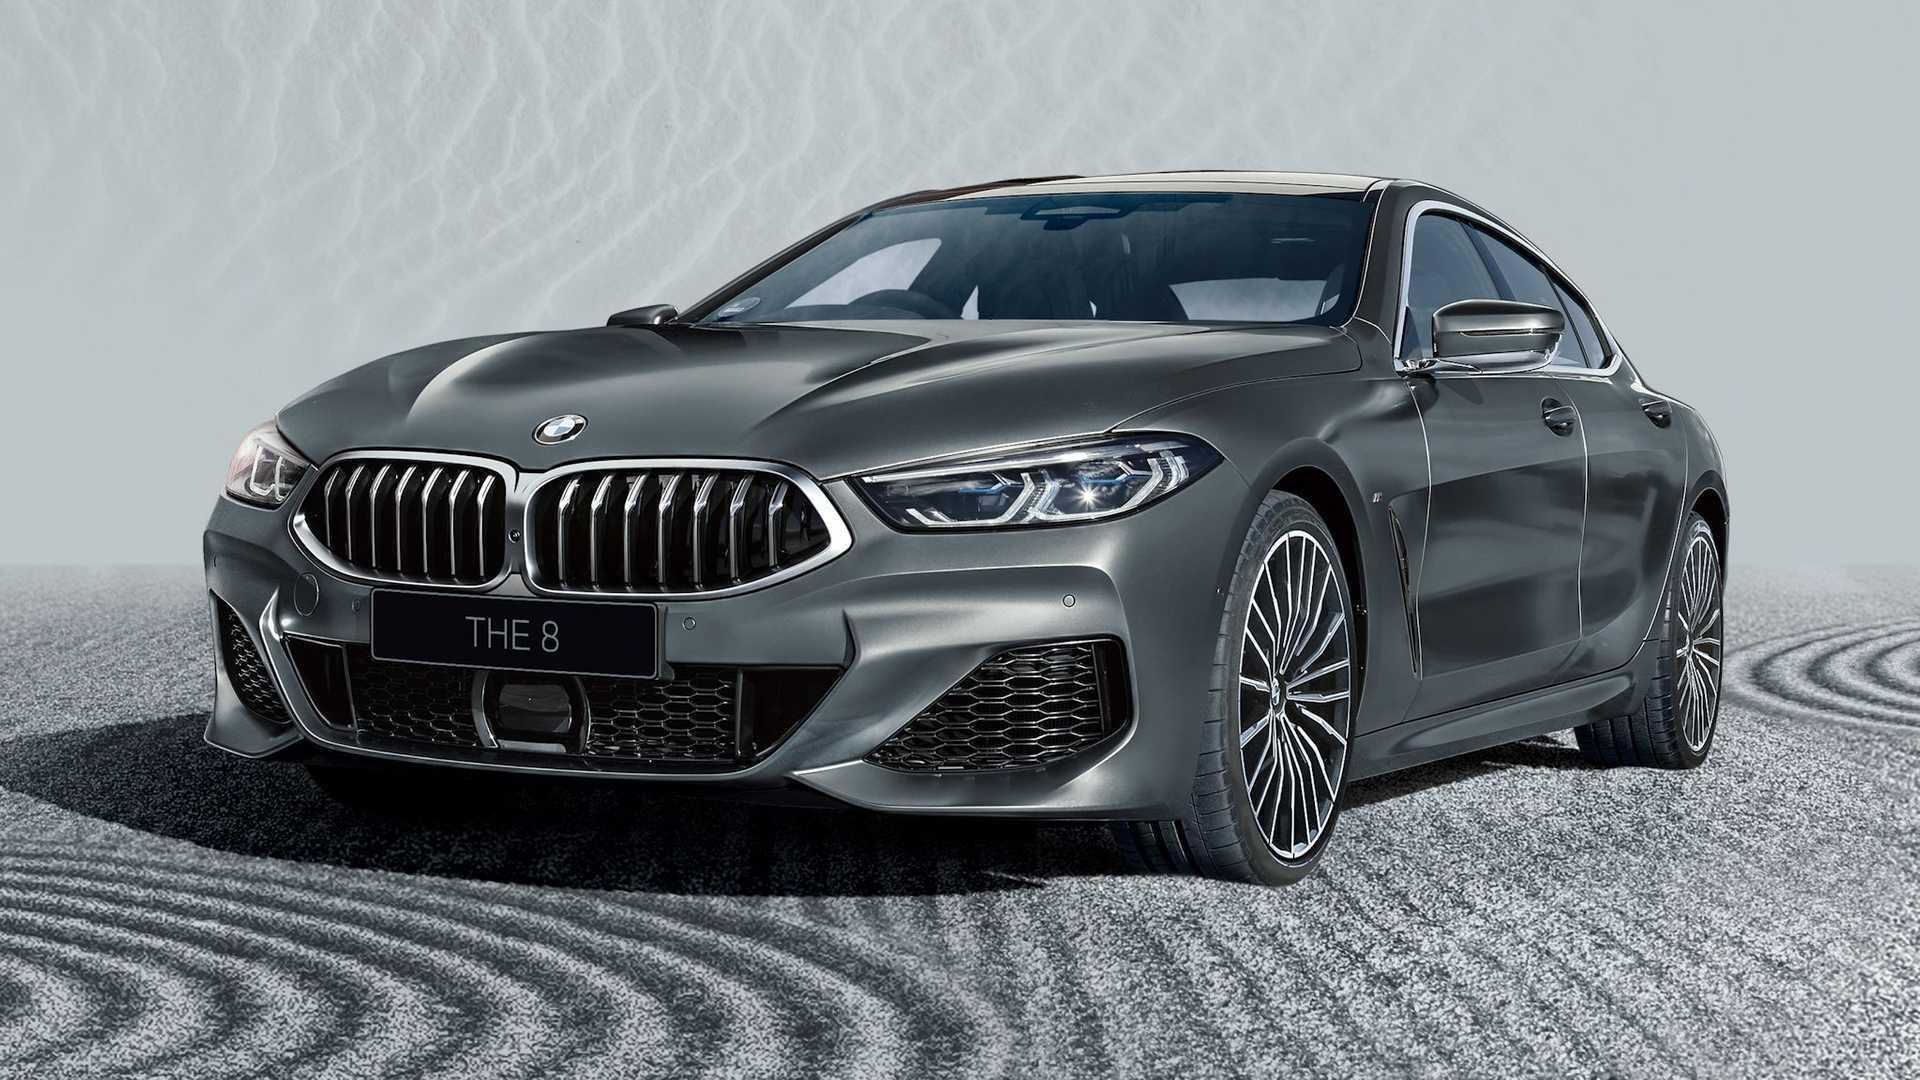 نسخه خاص و محدود BMW 8 Series تولید شد